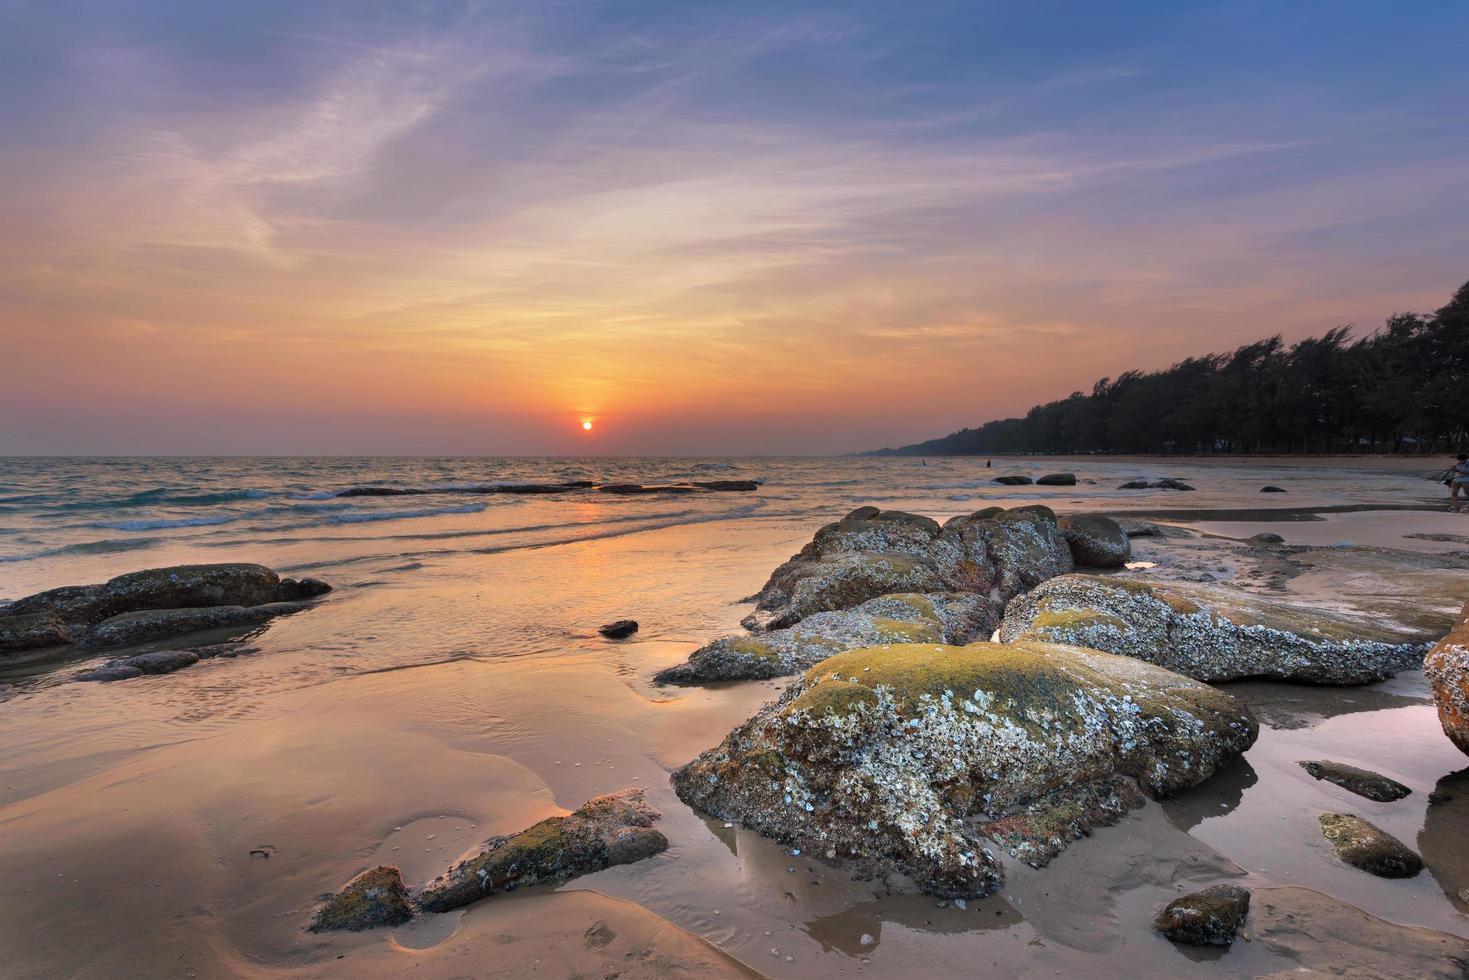 tropisch strand bij zonsondergang foto